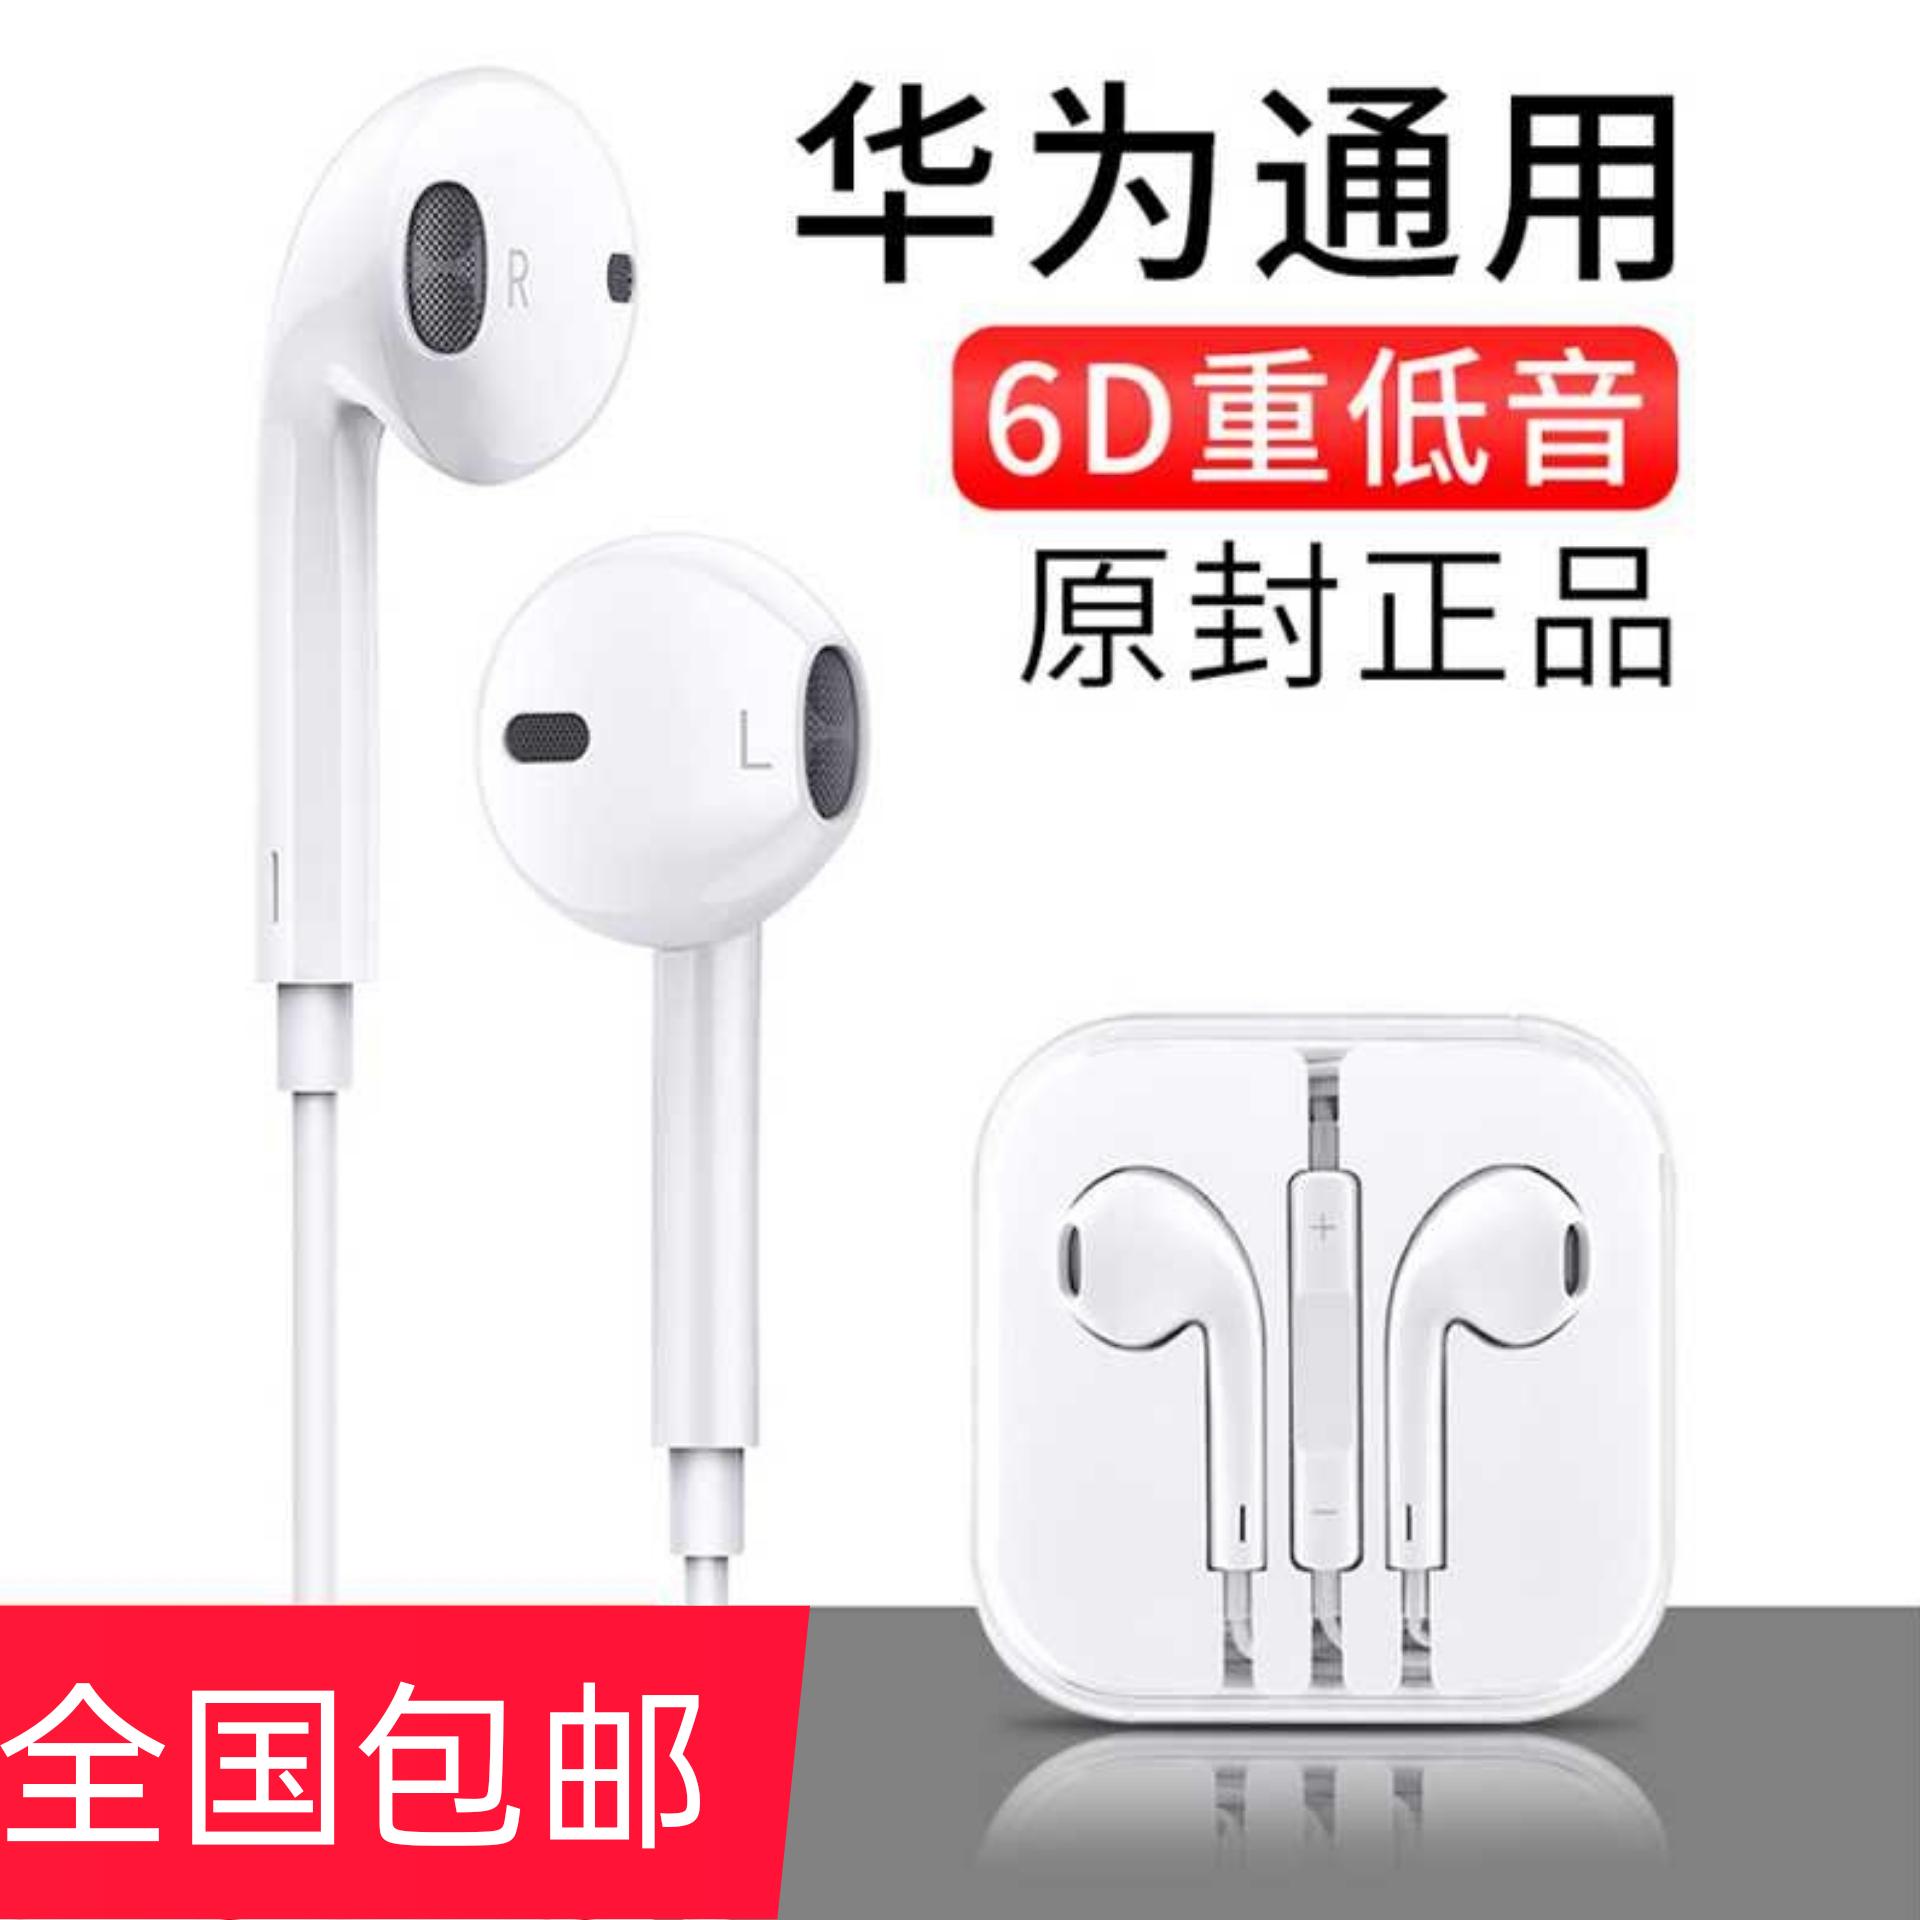 有线耳机3.5mm接口适用 安卓数码配件华为手机专用线控耳机